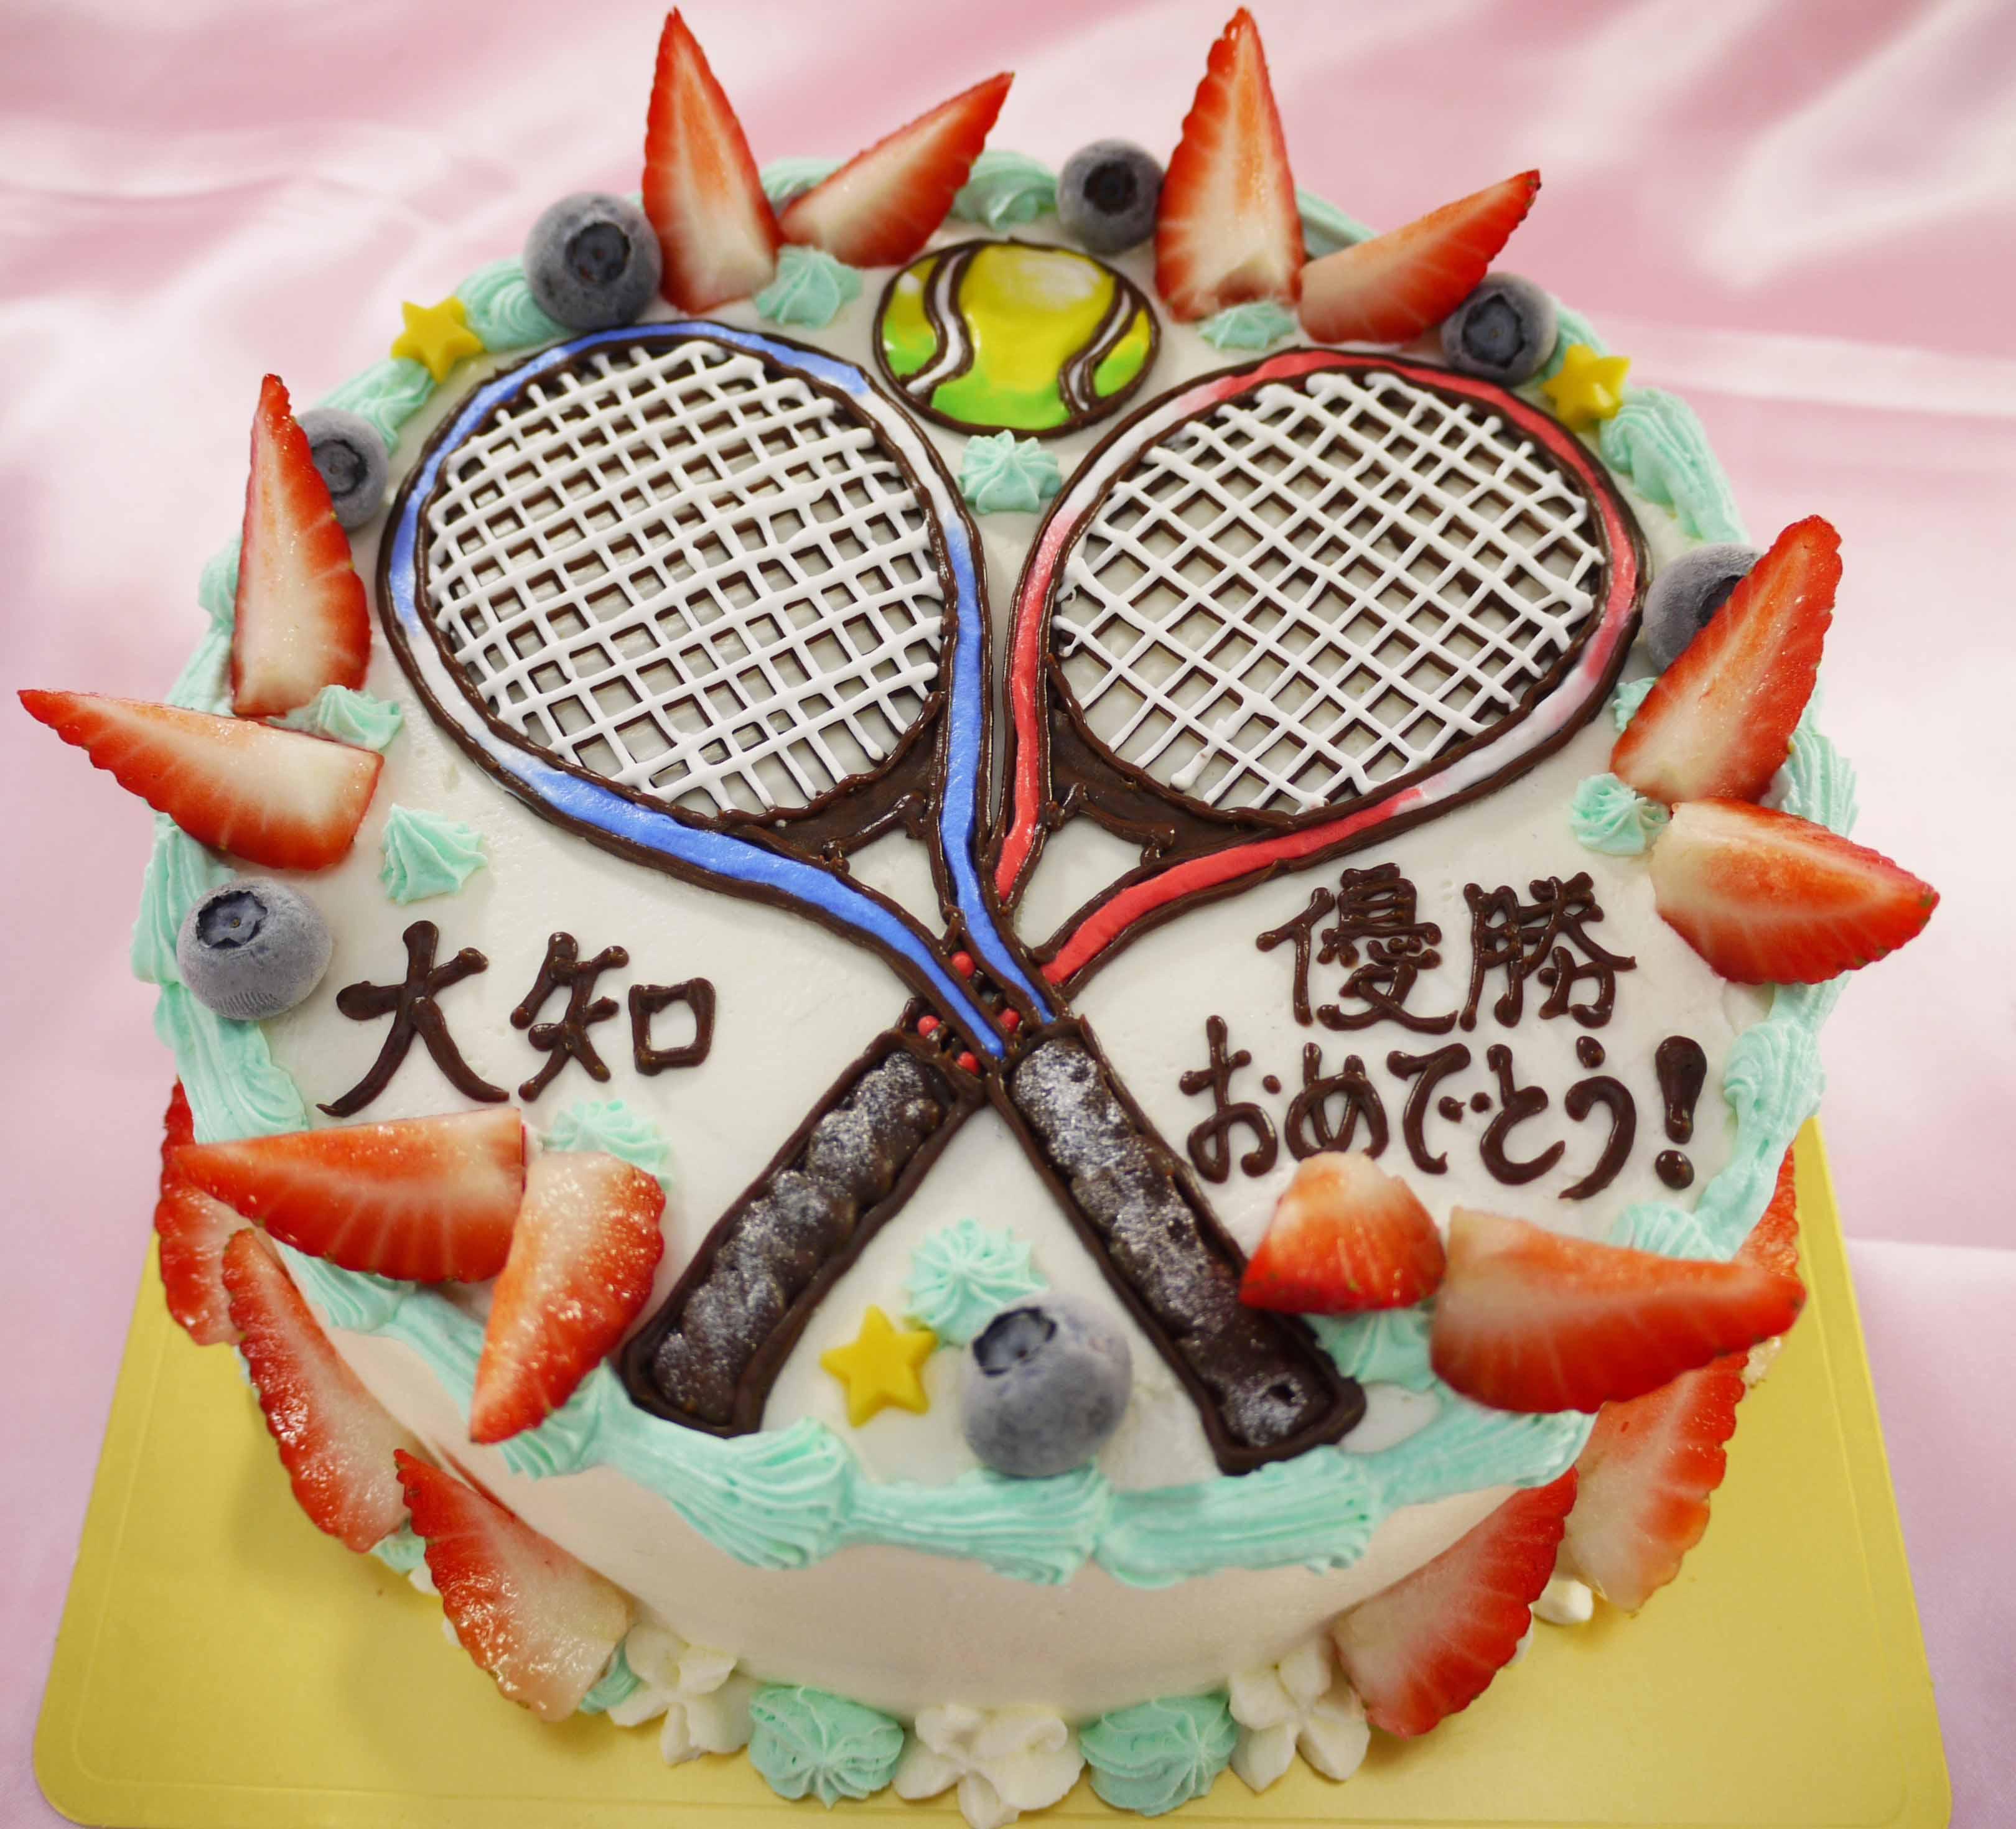 テニスラケットのイラストケーキ